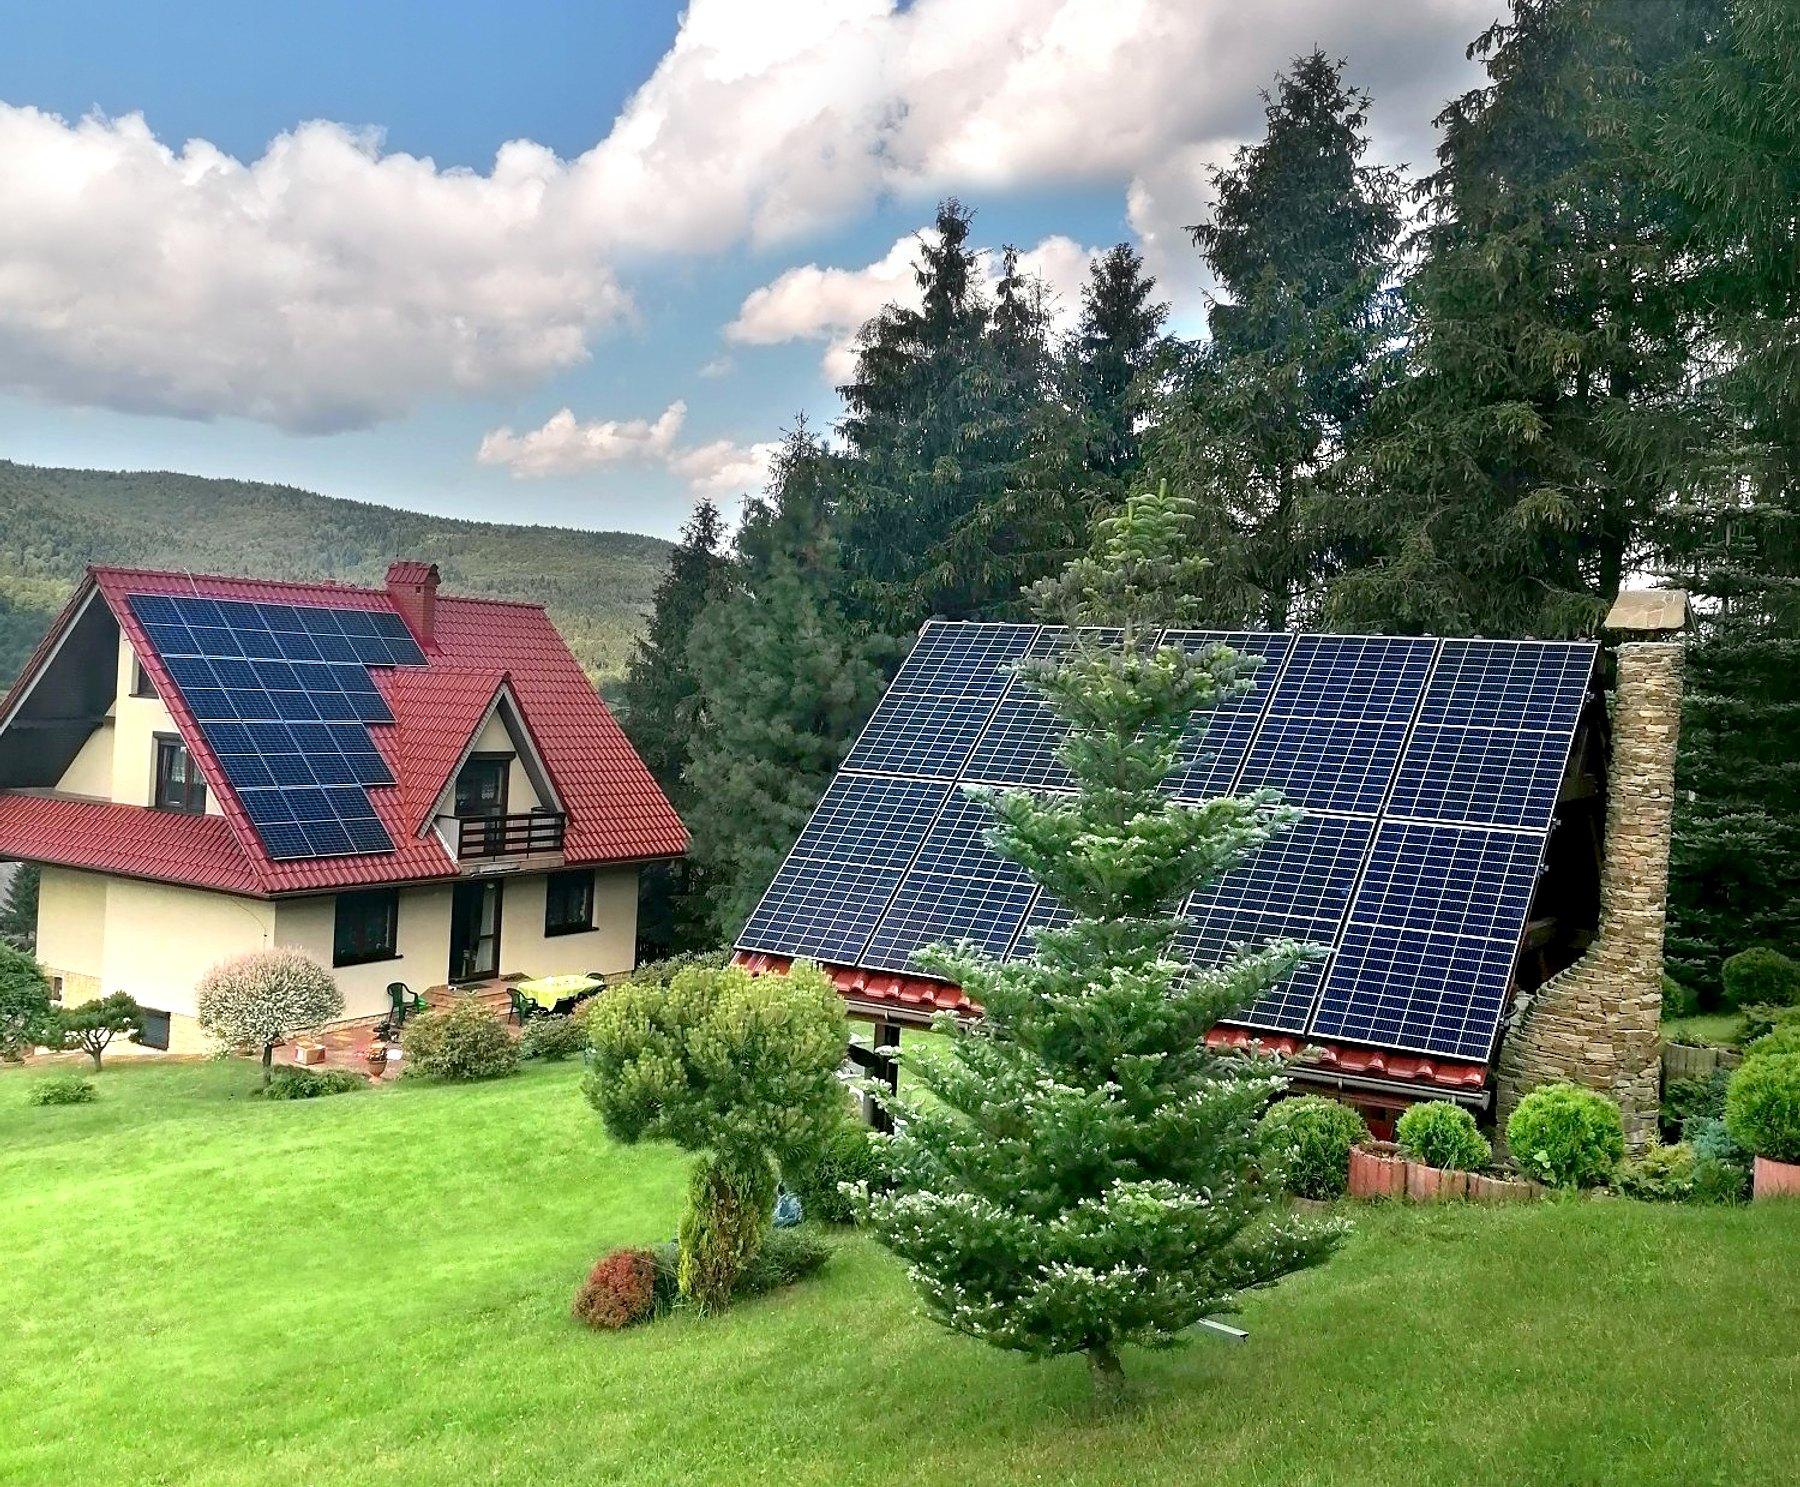 instalacja fotowoltaiczna solaredge z pełną optymalizacją Polska Energia Andrychów